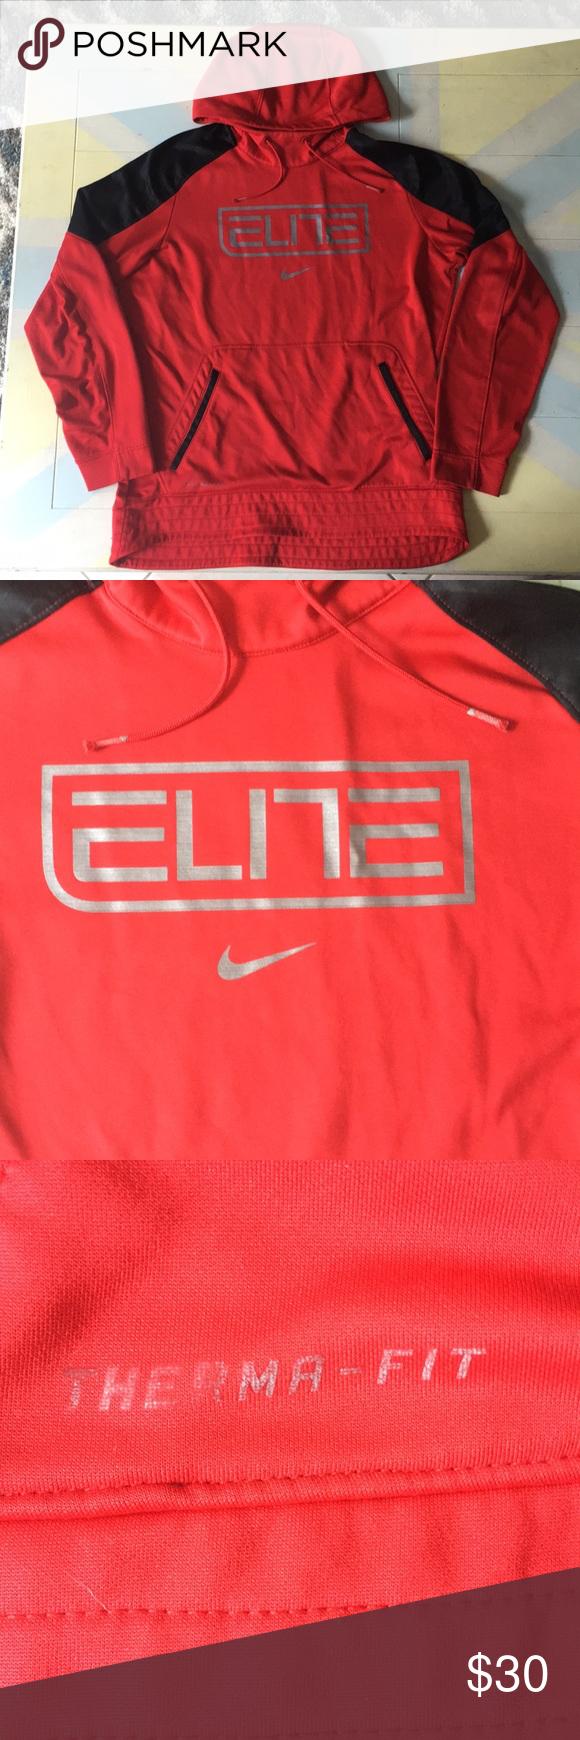 Nike excellent In Elite shape fit RedBlack therma Hoodie fybY67gv